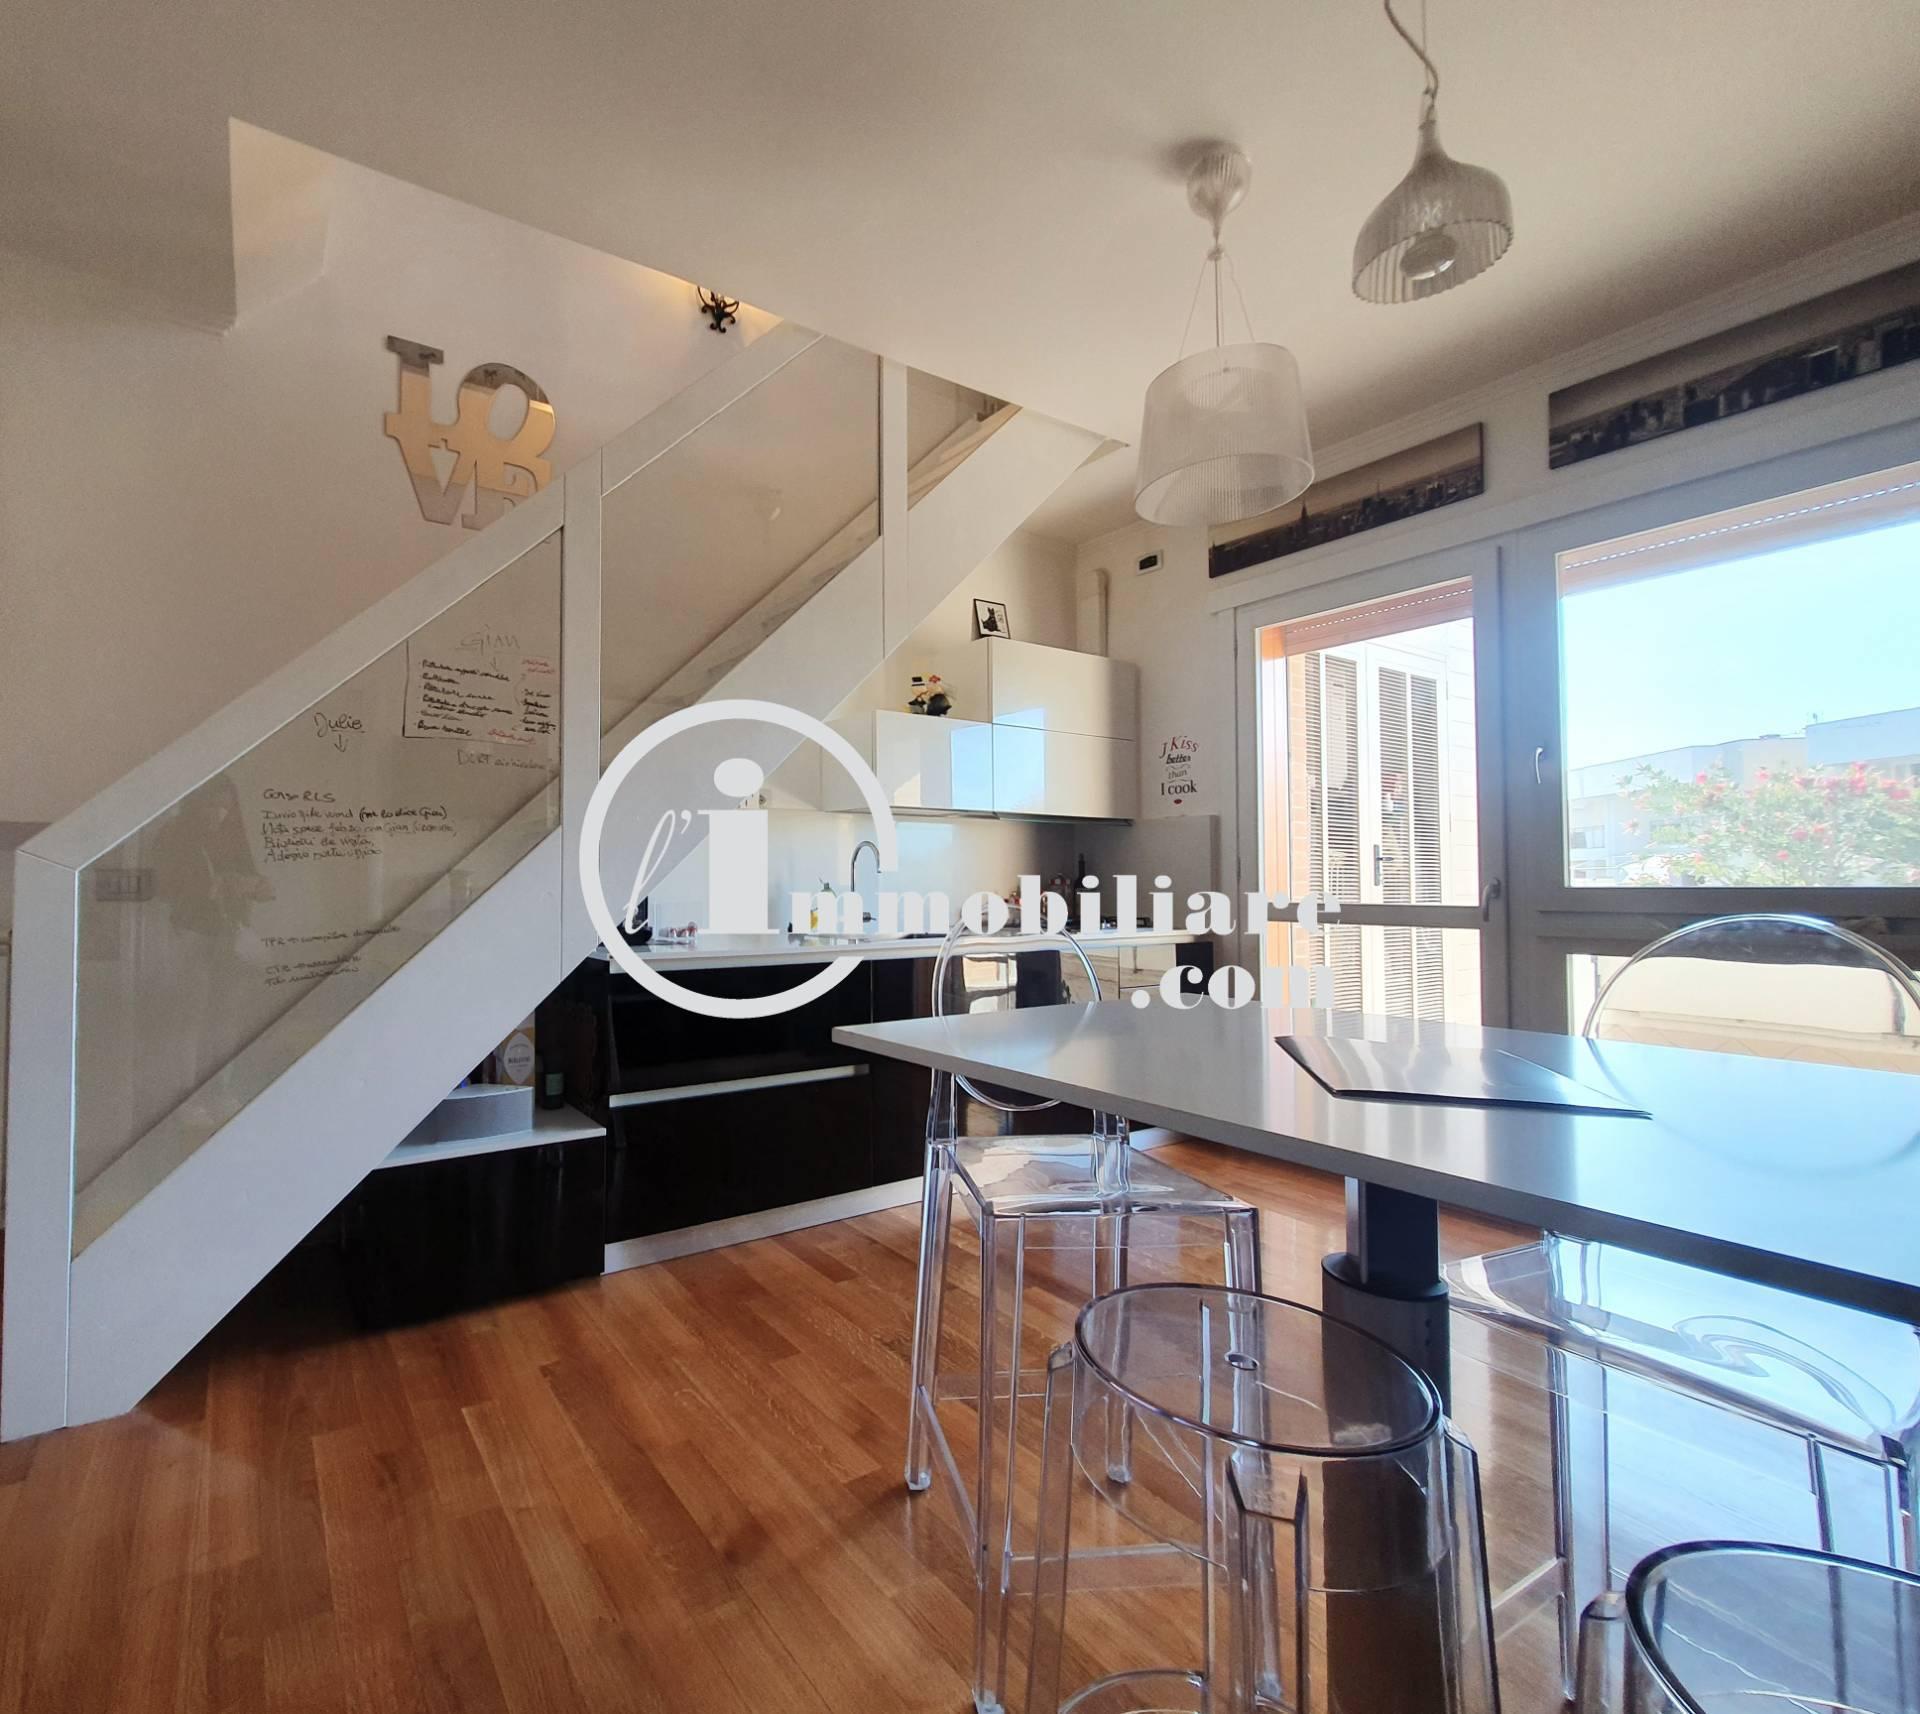 Appartamento in vendita a Roma, 3 locali, zona Zona: 27 . Aurelio - Boccea, prezzo € 360.000 | CambioCasa.it